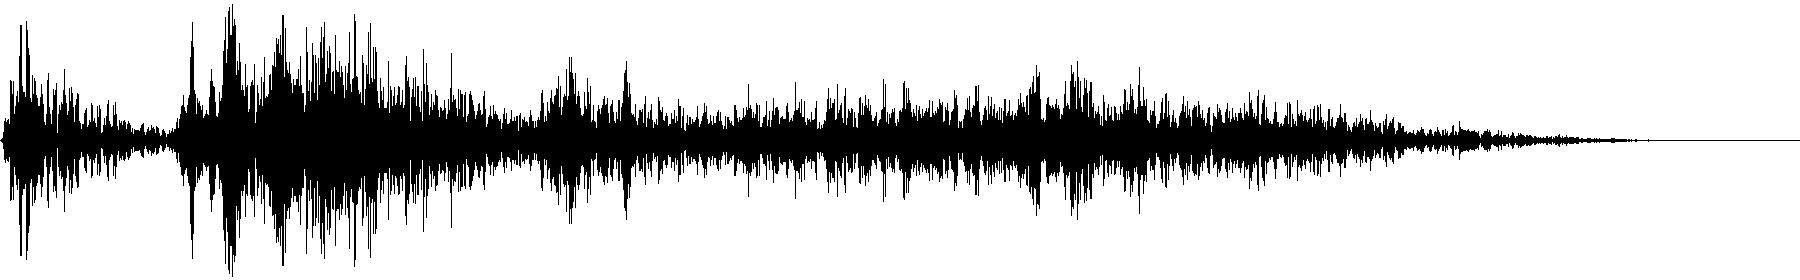 bluezone xworld sound 049